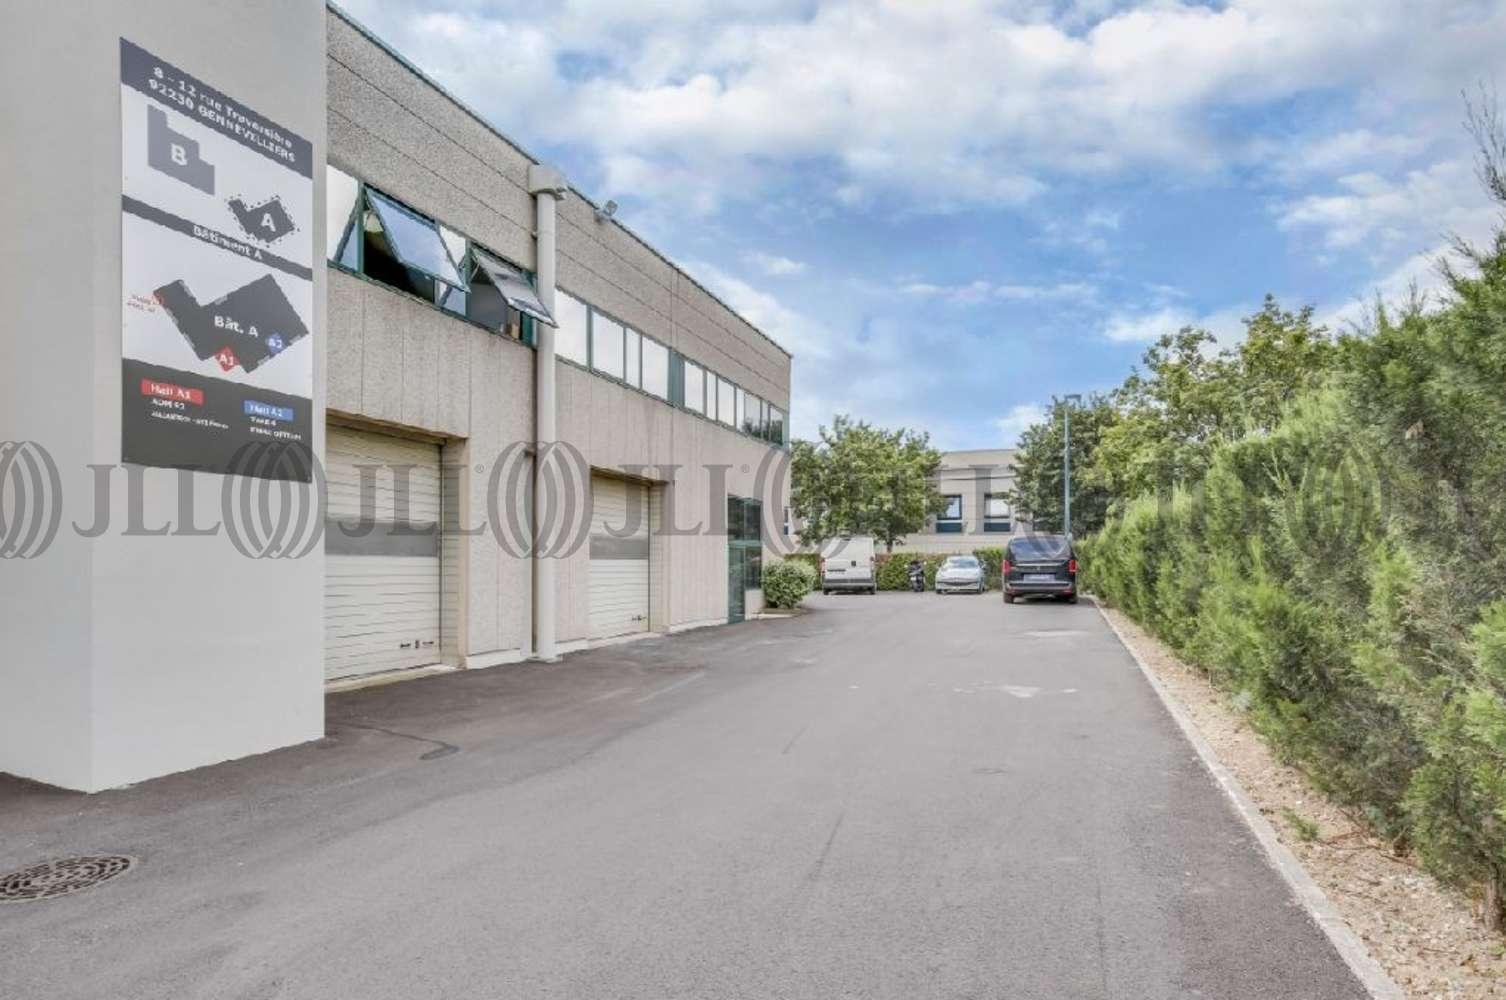 Activités/entrepôt Gennevilliers, 92230 - PARISPACE - 9748929